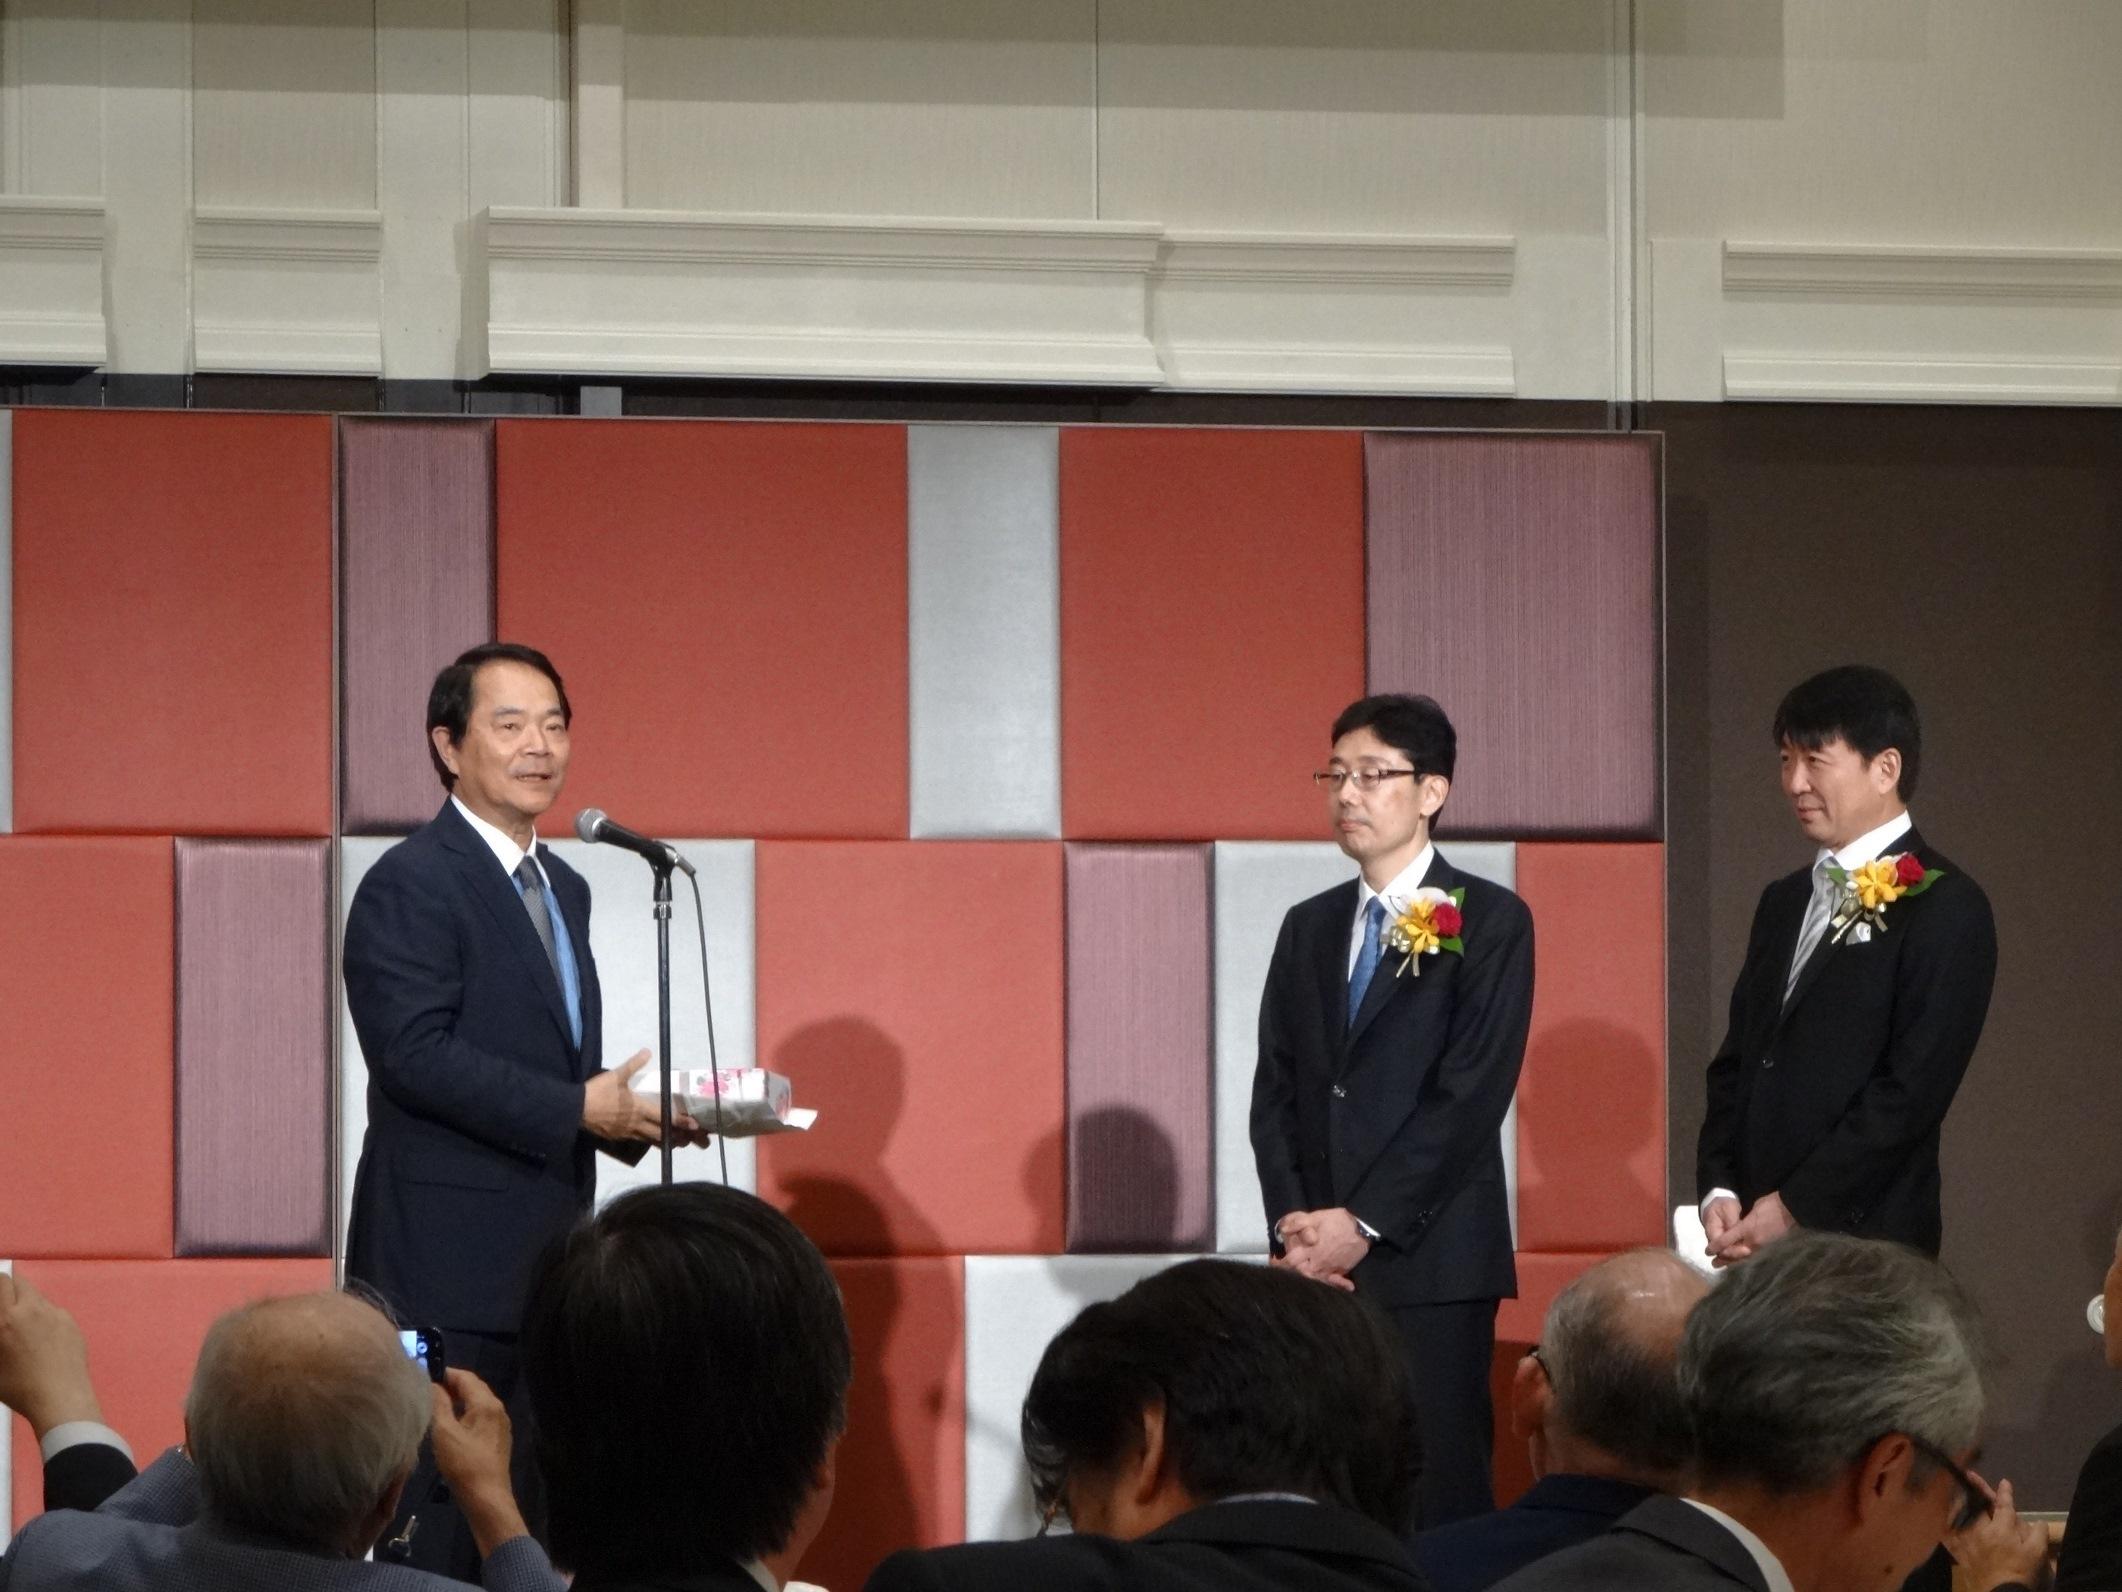 宮原信明先生,辻晃仁先生教授就任祝賀会